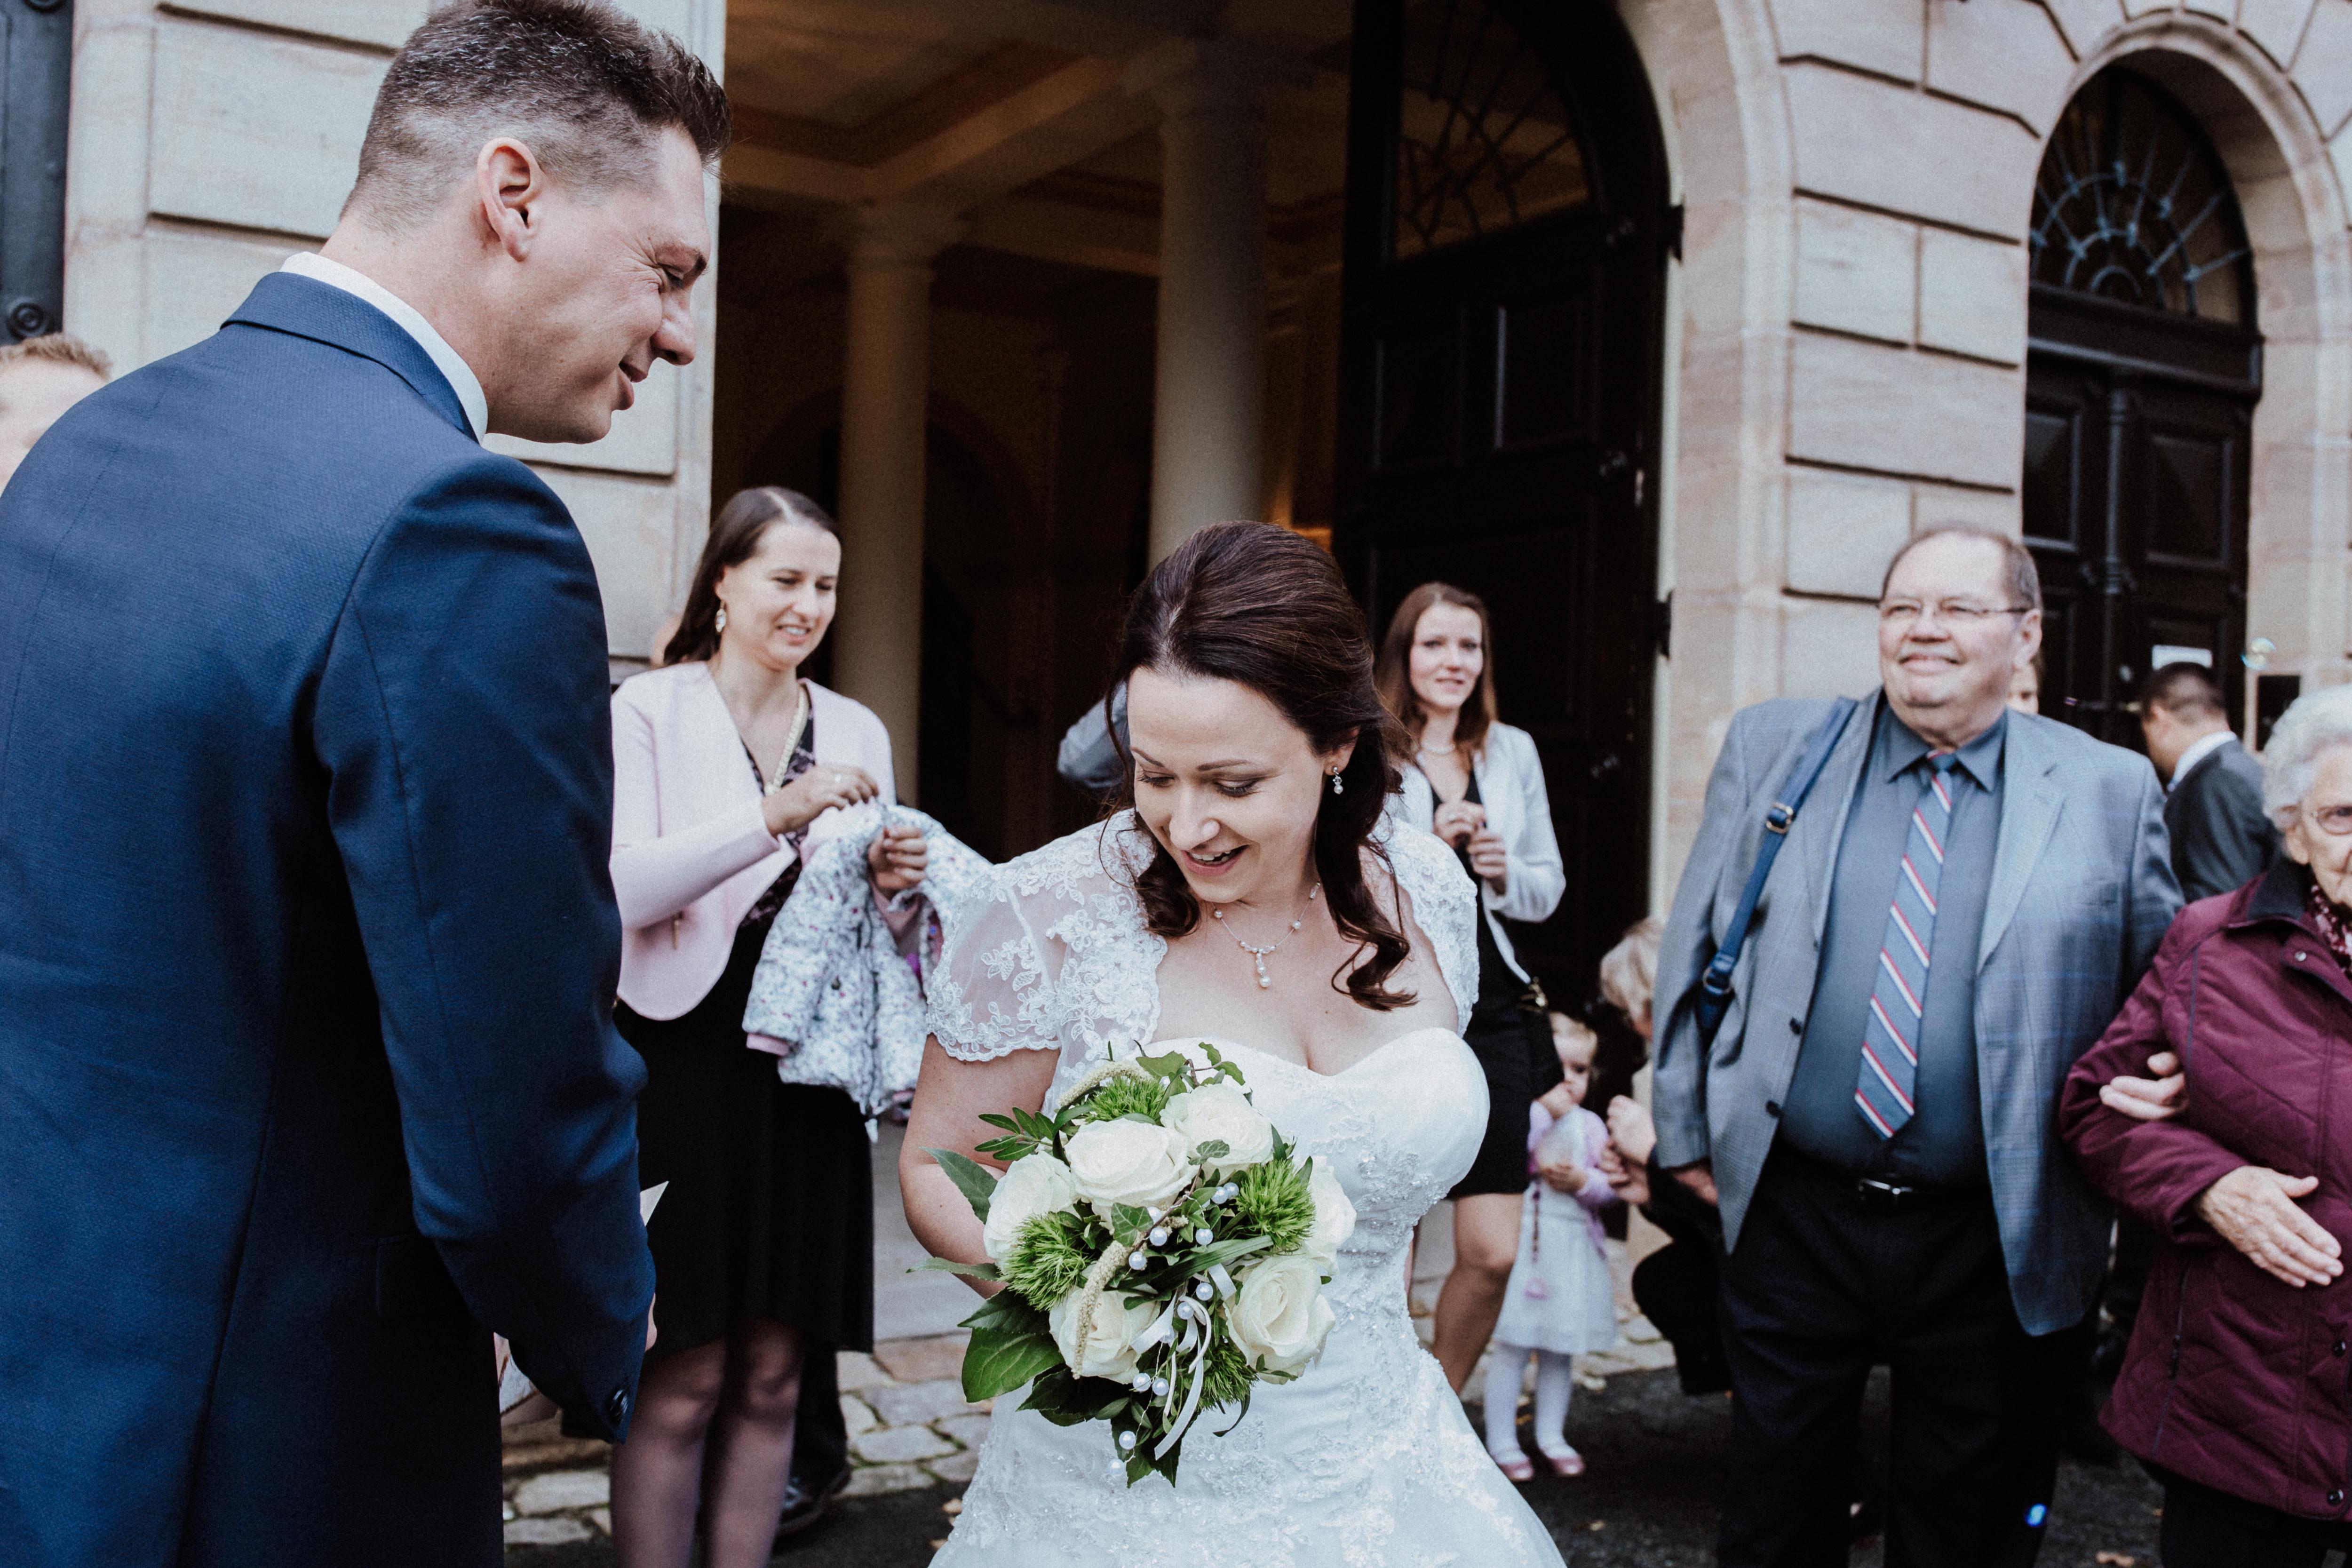 URBANERIE_Daniela_Goth_Hochzeitsfotografin_Nürnberg_Fürth_Erlangen_Schwabach_171007_0517